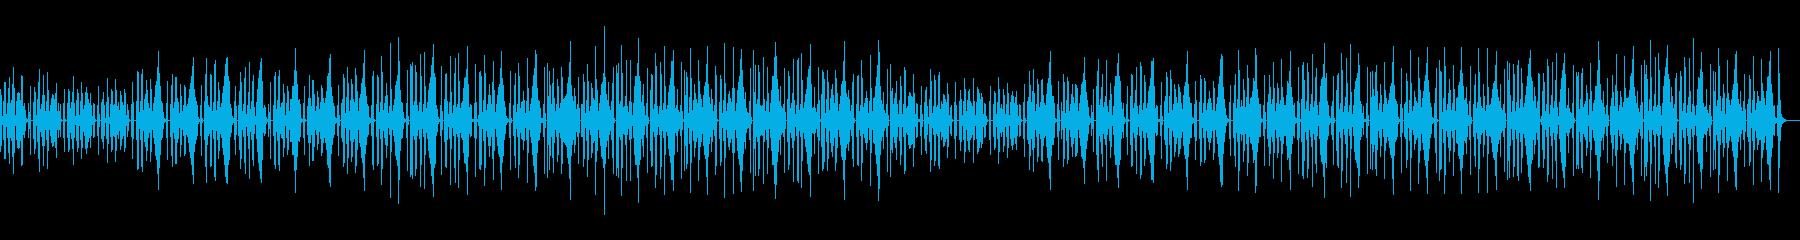 おどけたような、かわいいコミカルなBGMの再生済みの波形